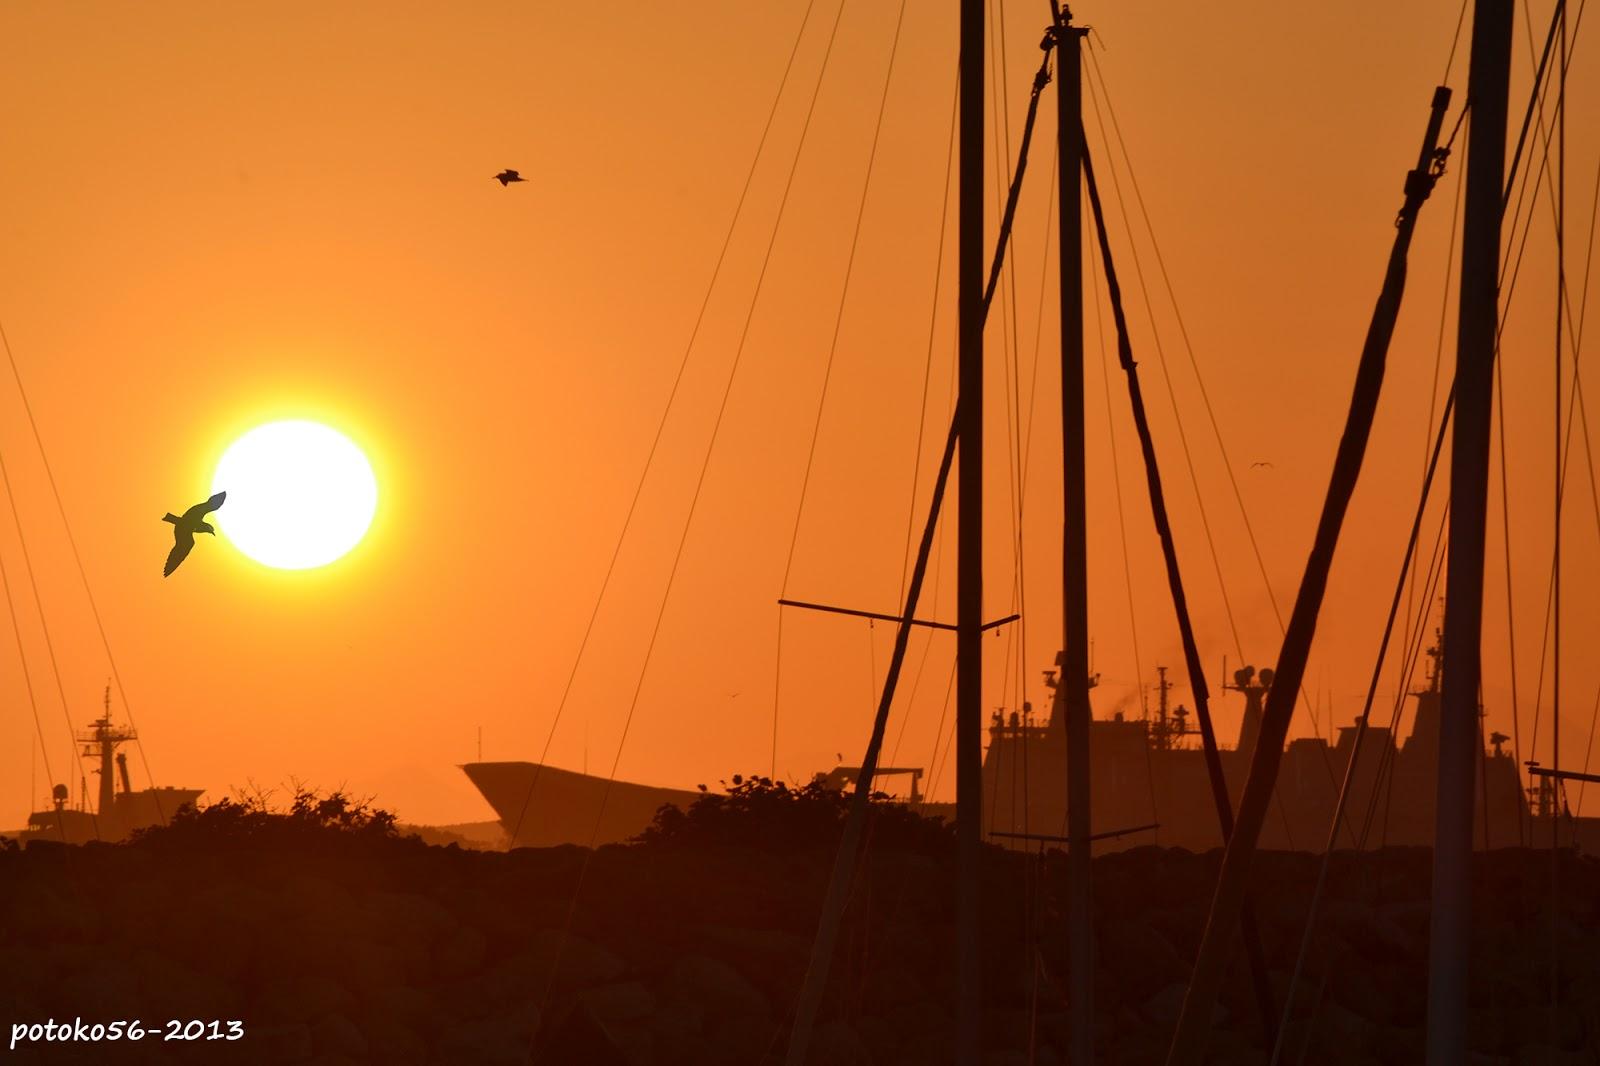 El sol saliendo y gaviotas entre mástiles